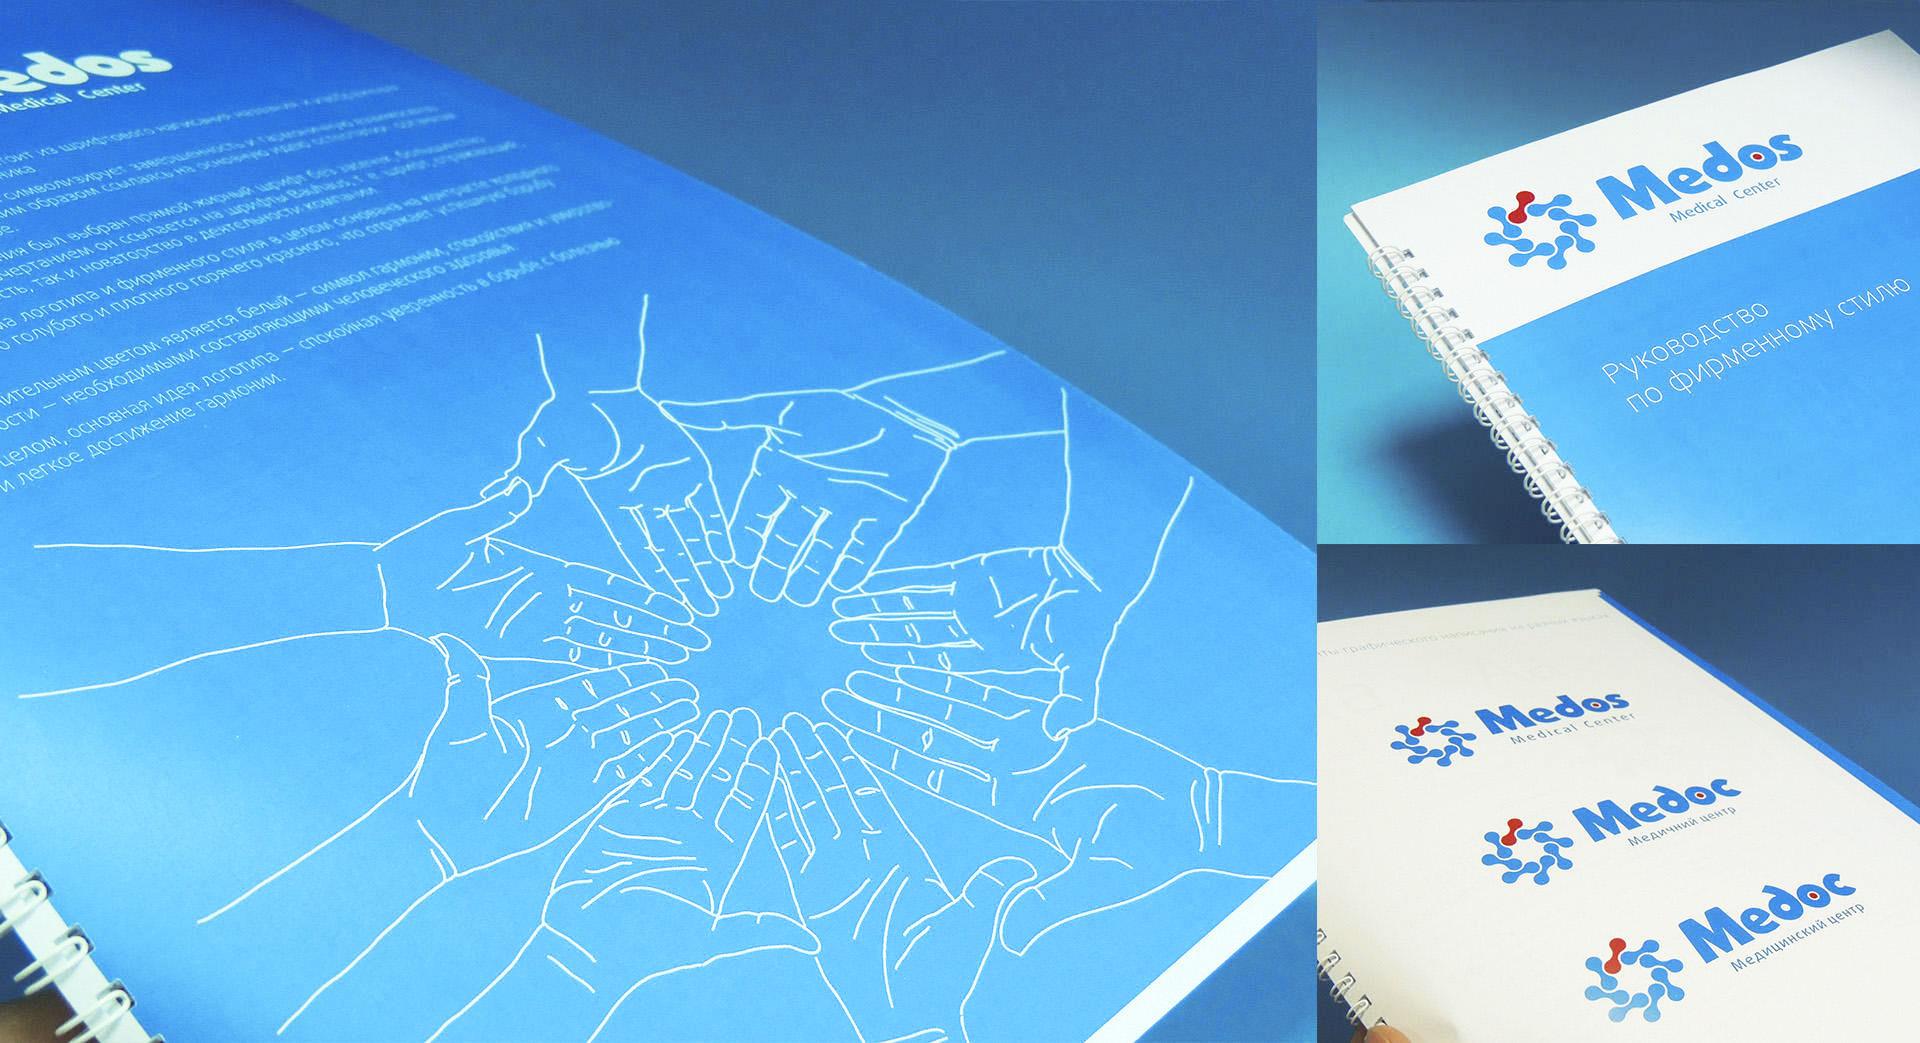 Центр остеопатии brand book, chiropractic center brandbook